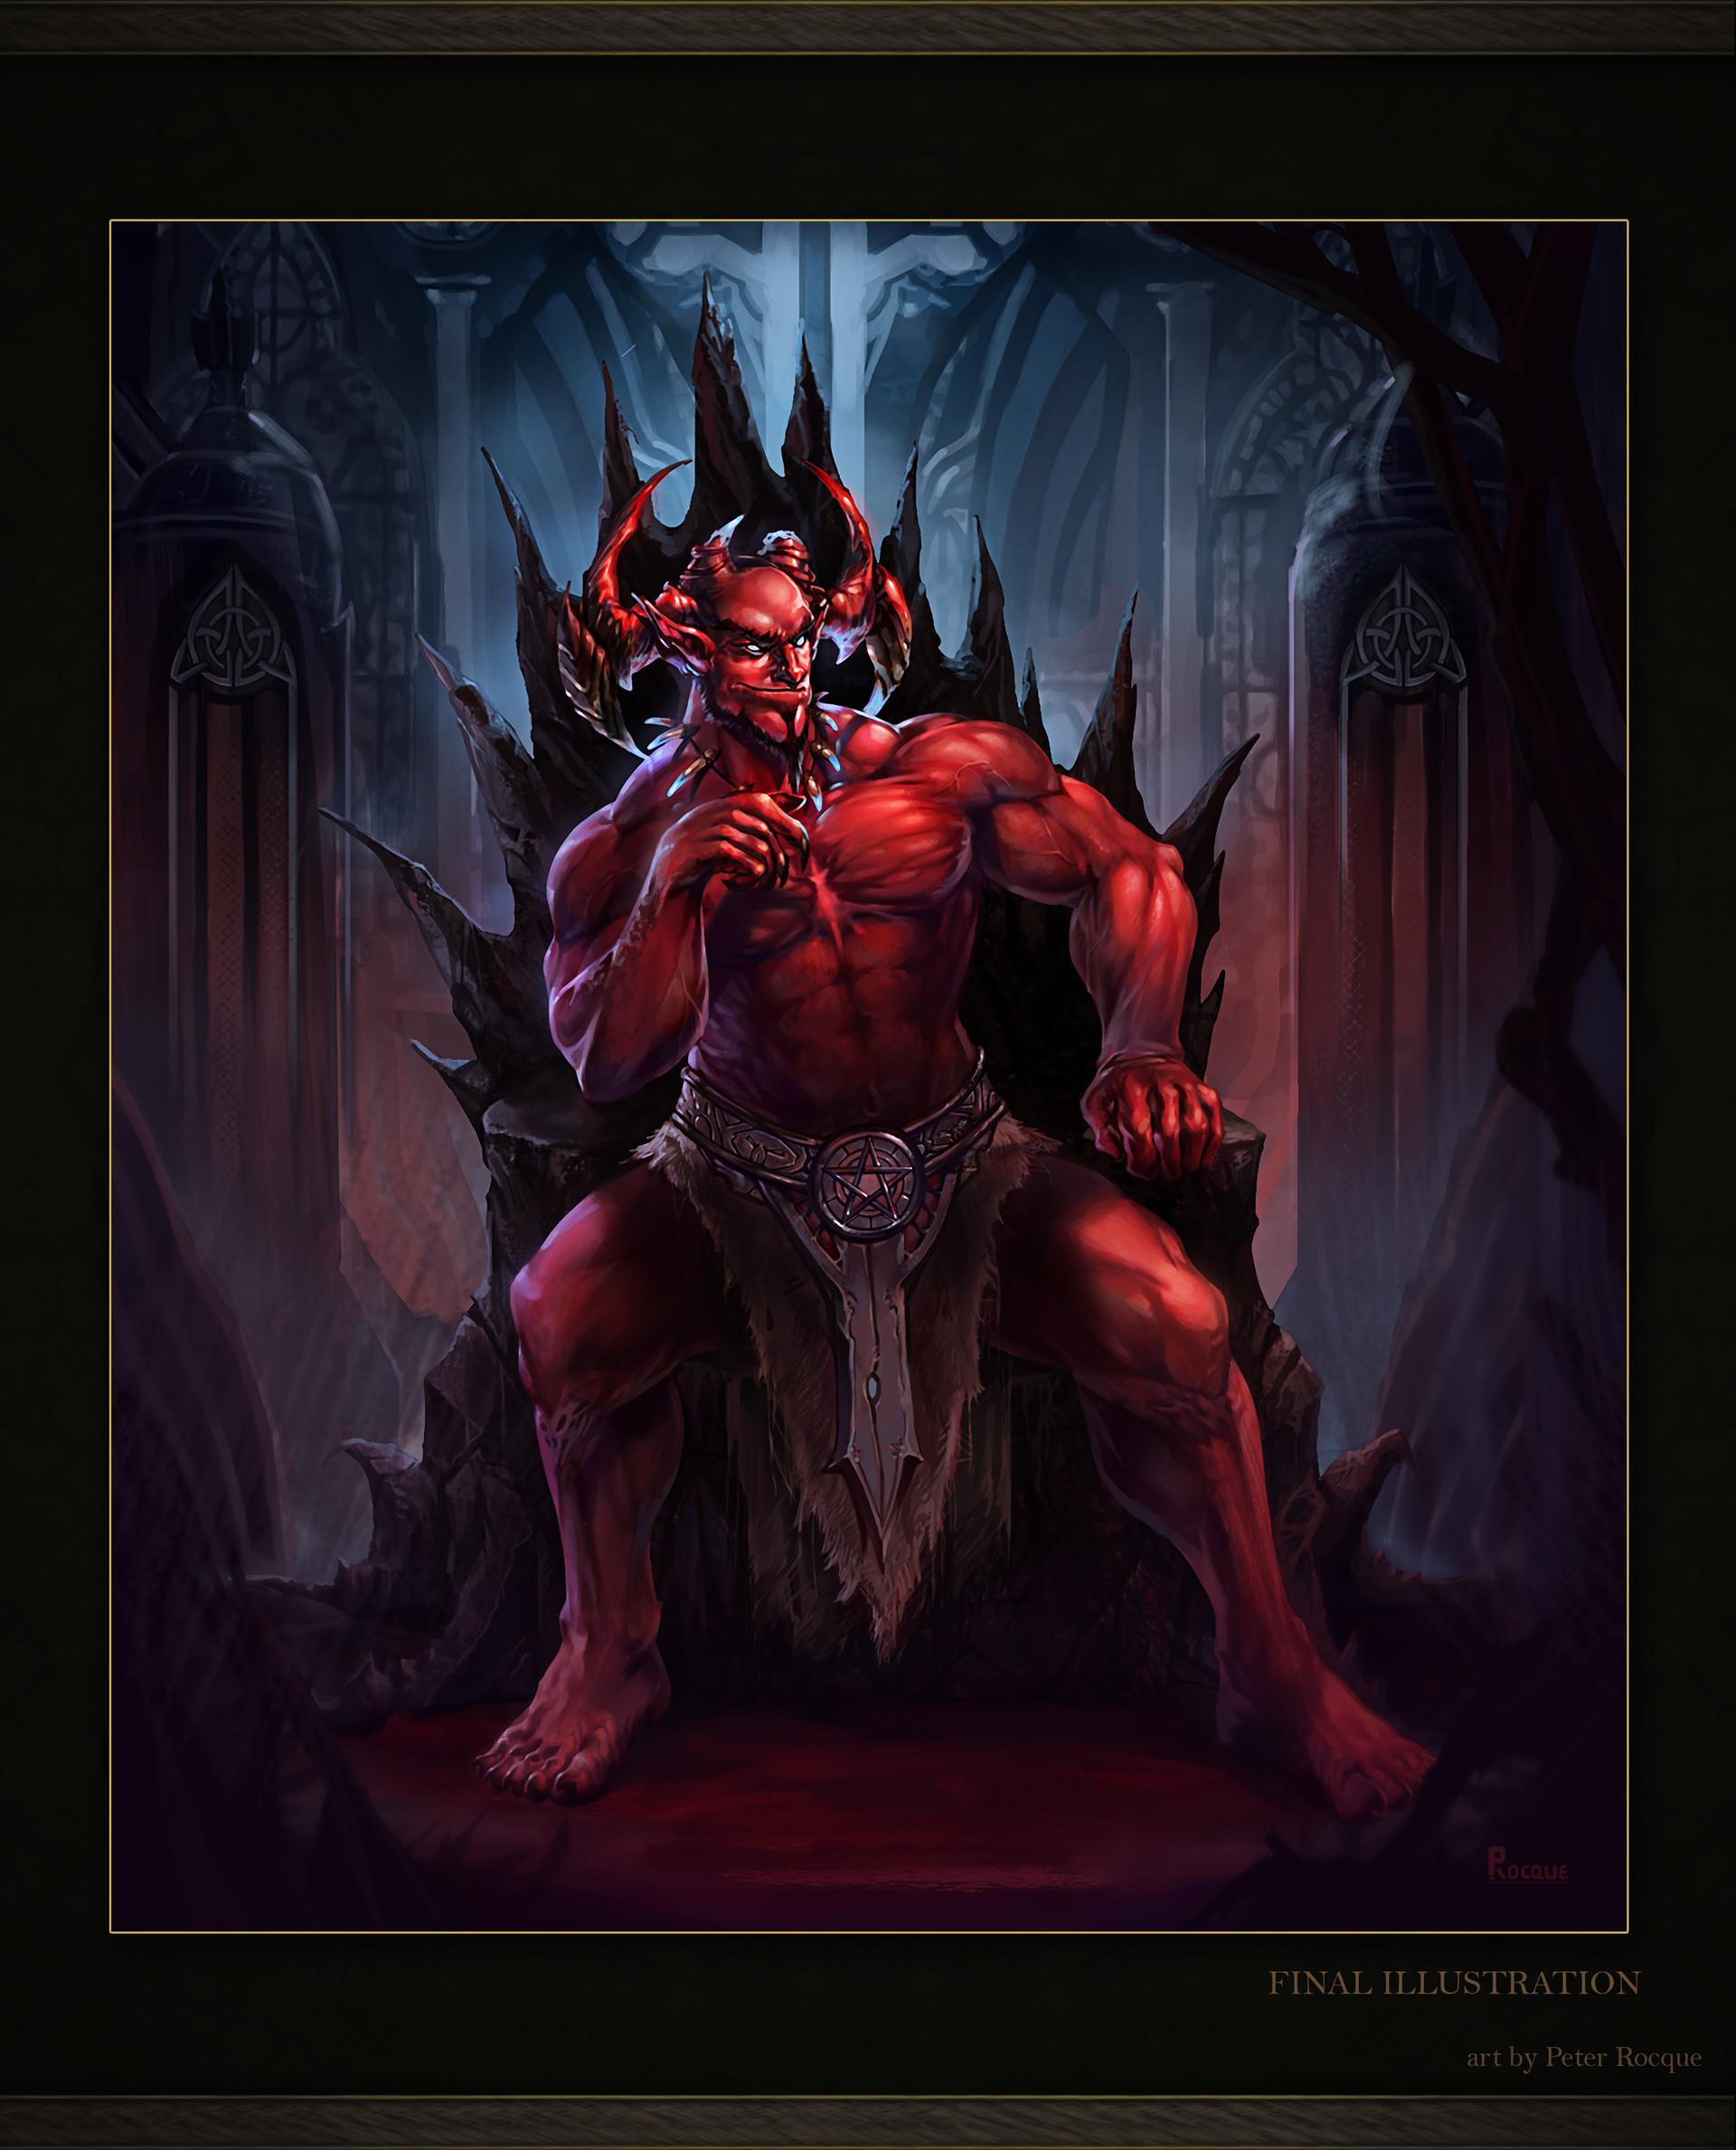 Peter rocque sympathy for the devil